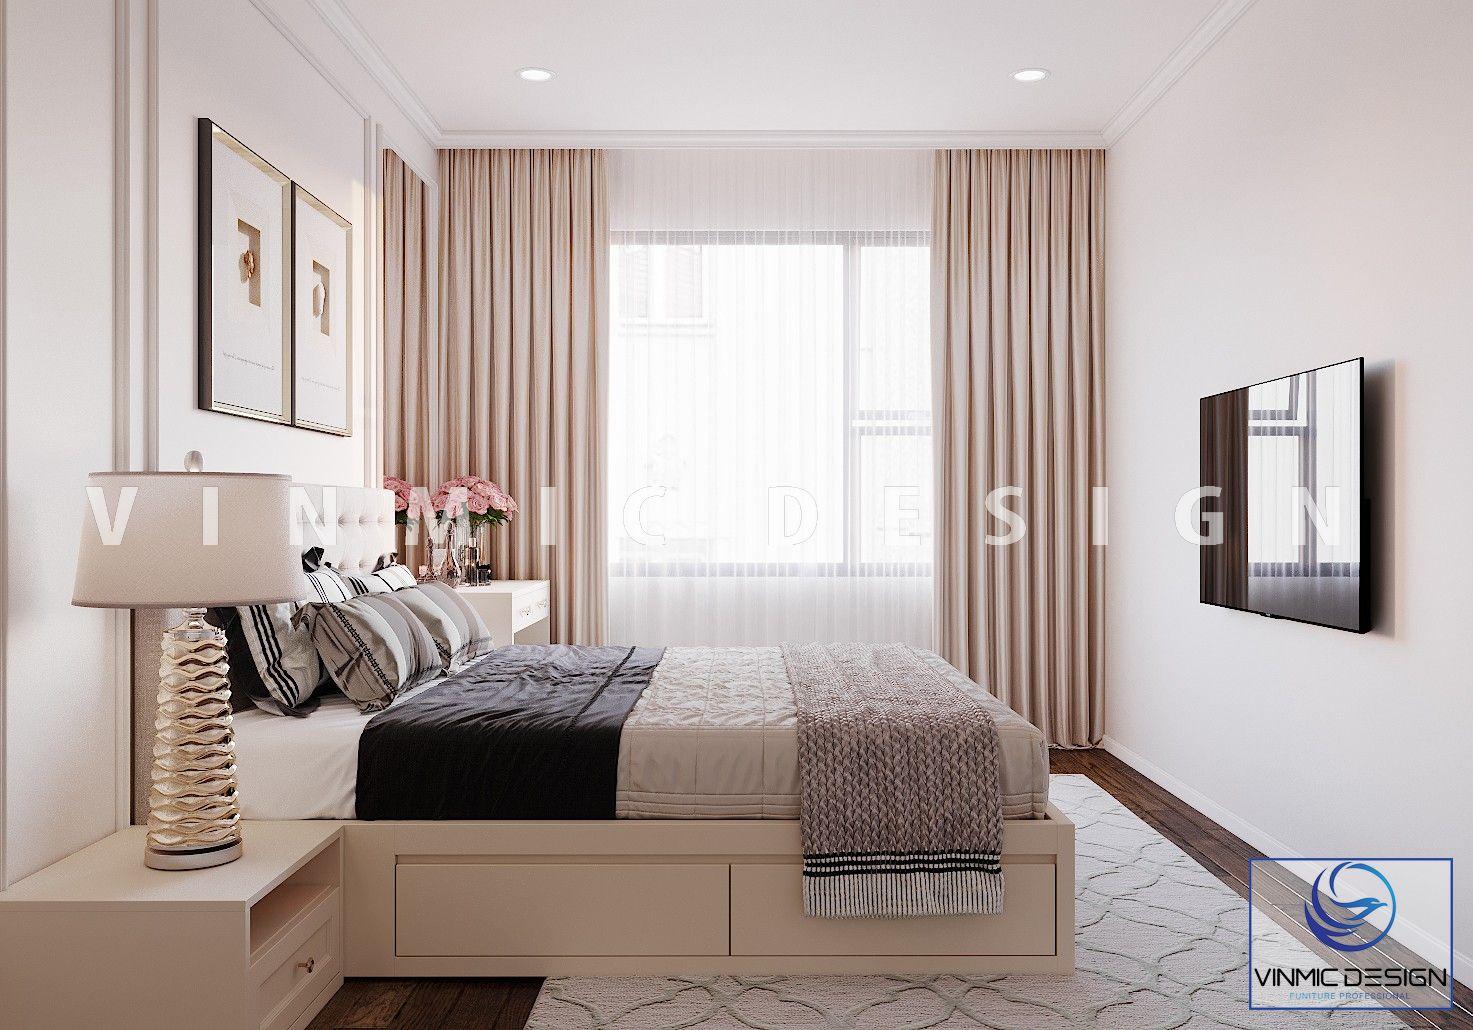 Thiết kế nội thất phòng ngủ sang trọng tại chung cư Iris Garden